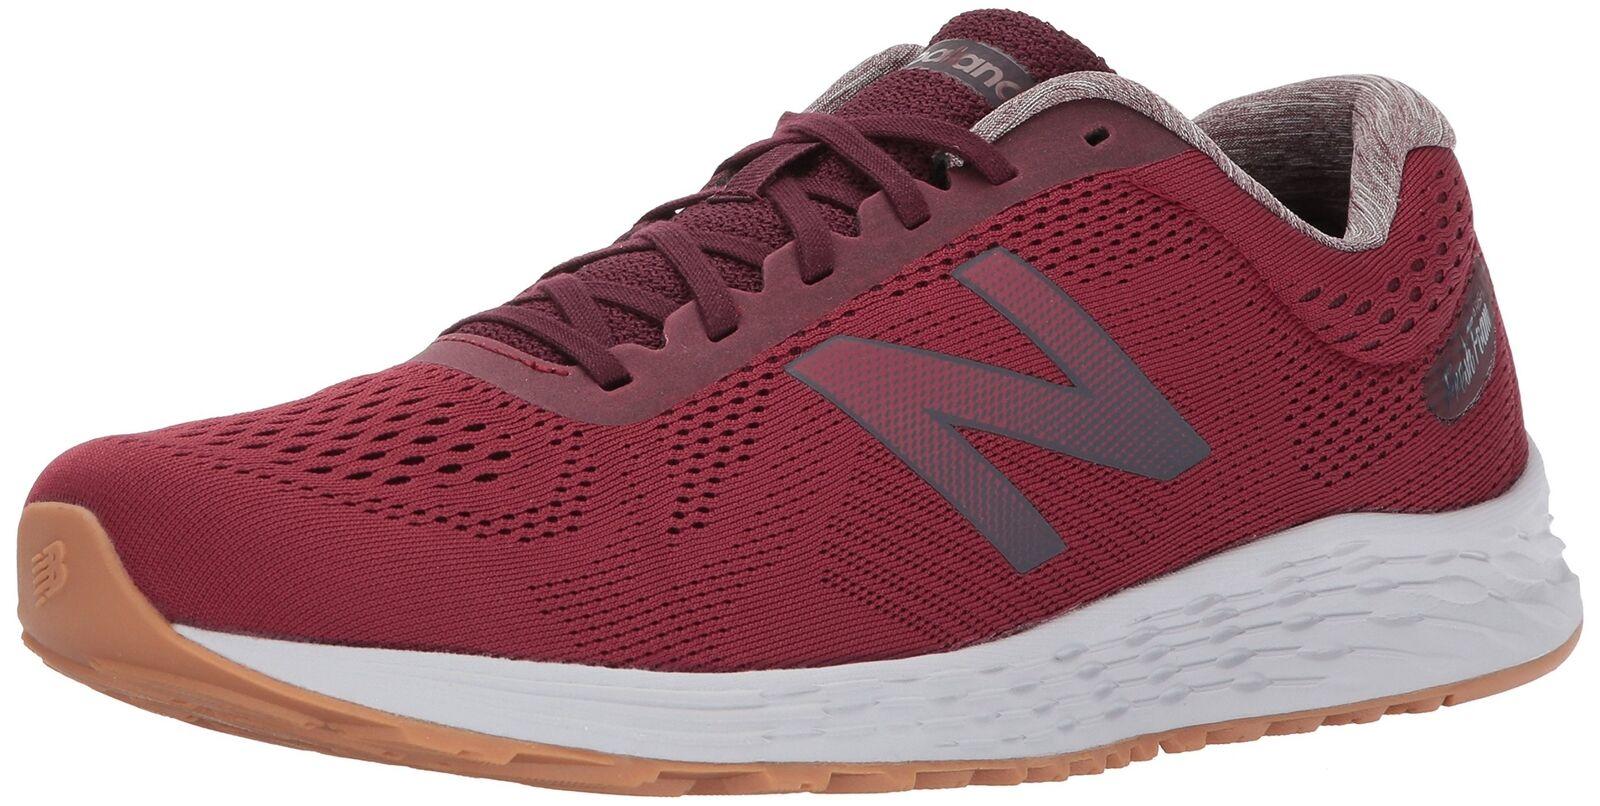 New Balance Men's Arishi V1 Running-shoes, Dark Red, 9.5 D US